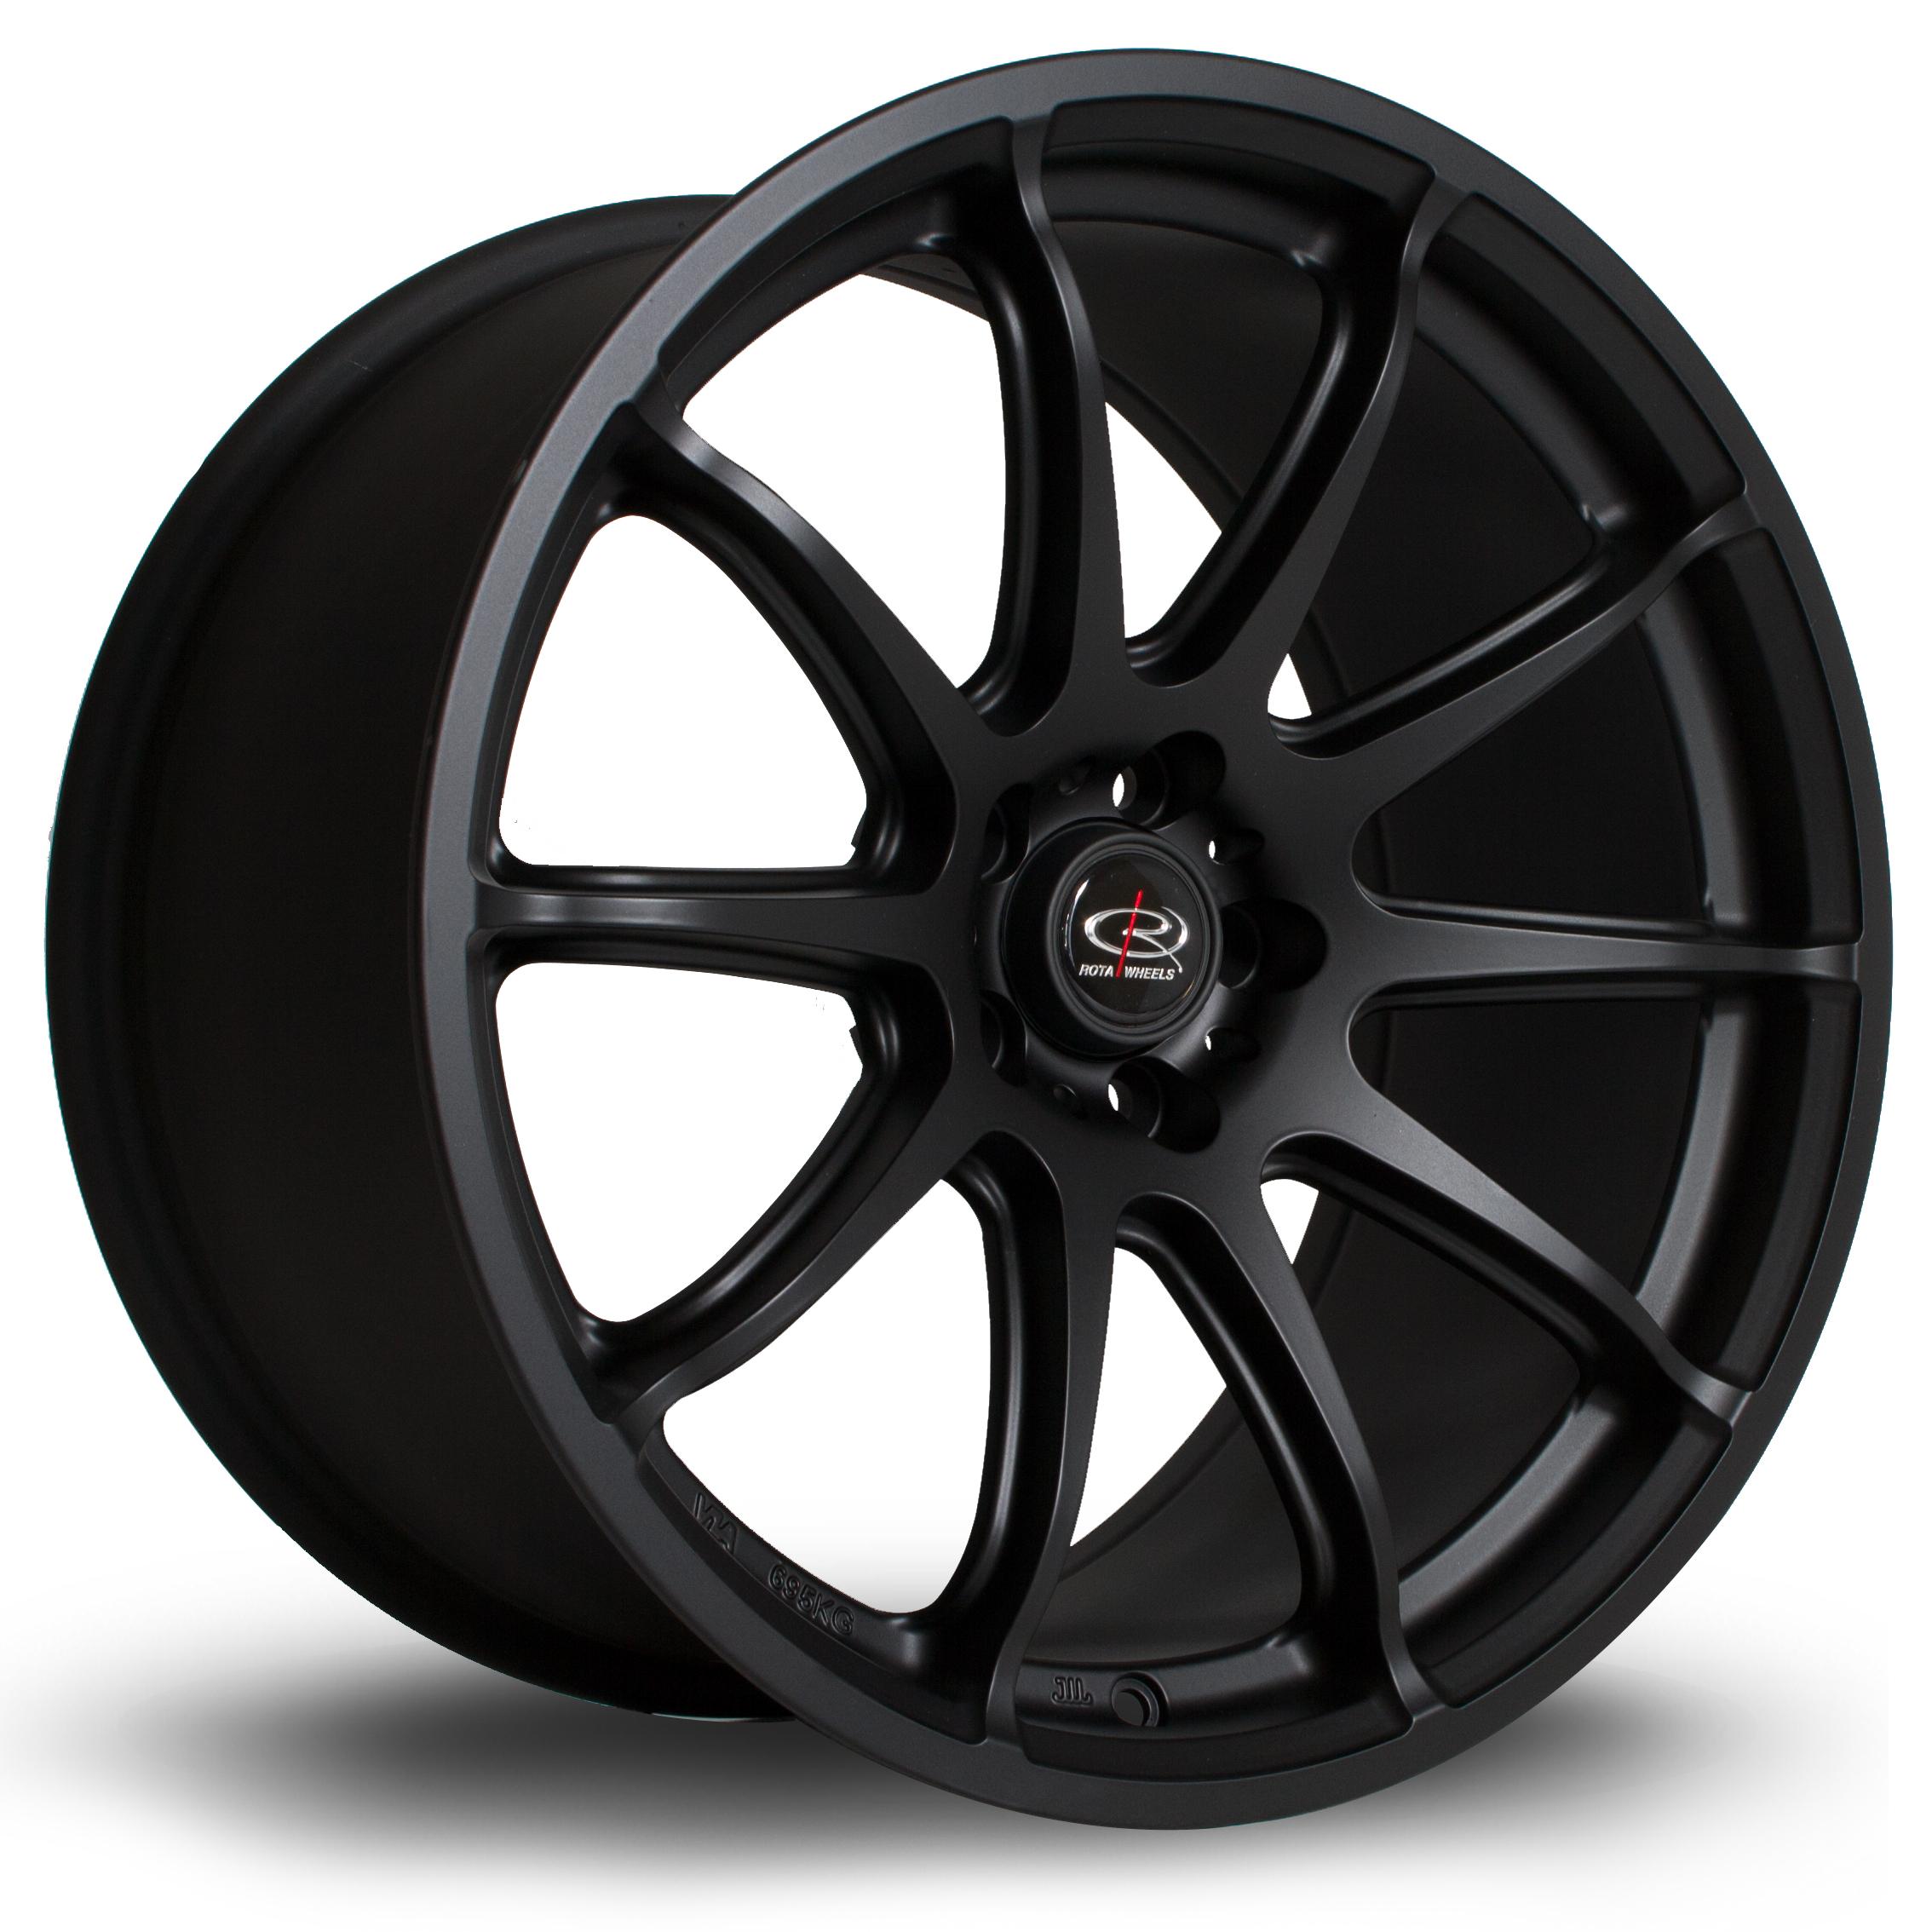 Rota T2R wheels